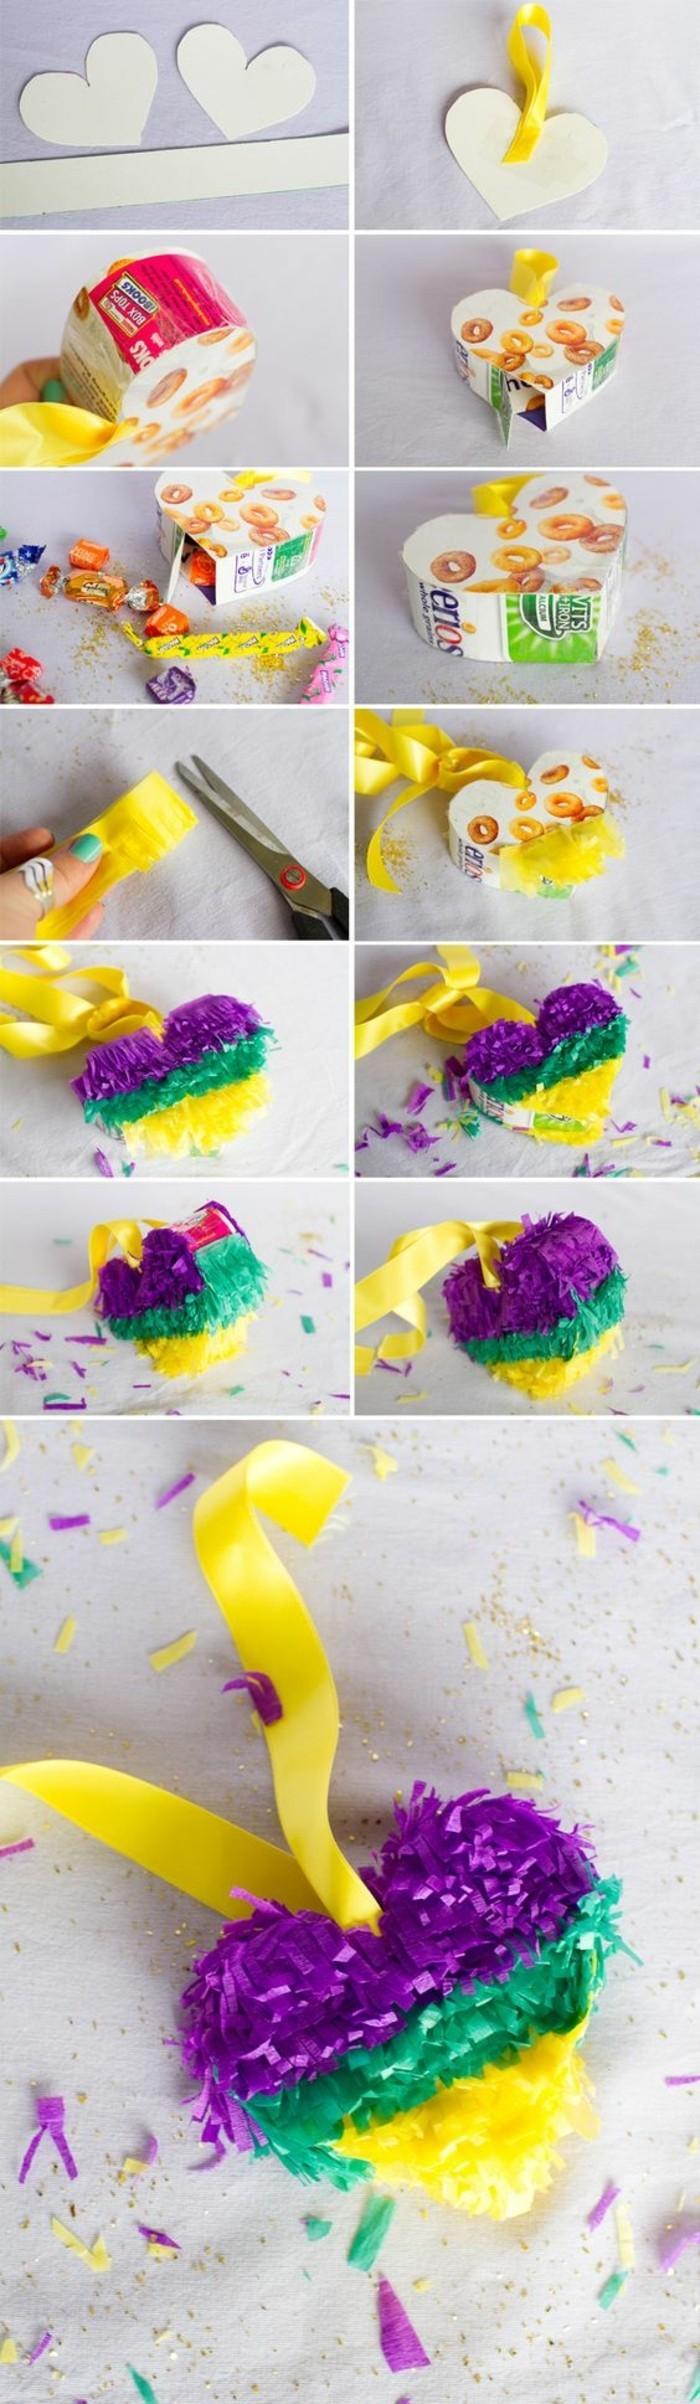 tuto-comment-fabriquer-une-pinata-en-forme-de-coeur-decoration-de-papier-crepon-multicolore-a-franges